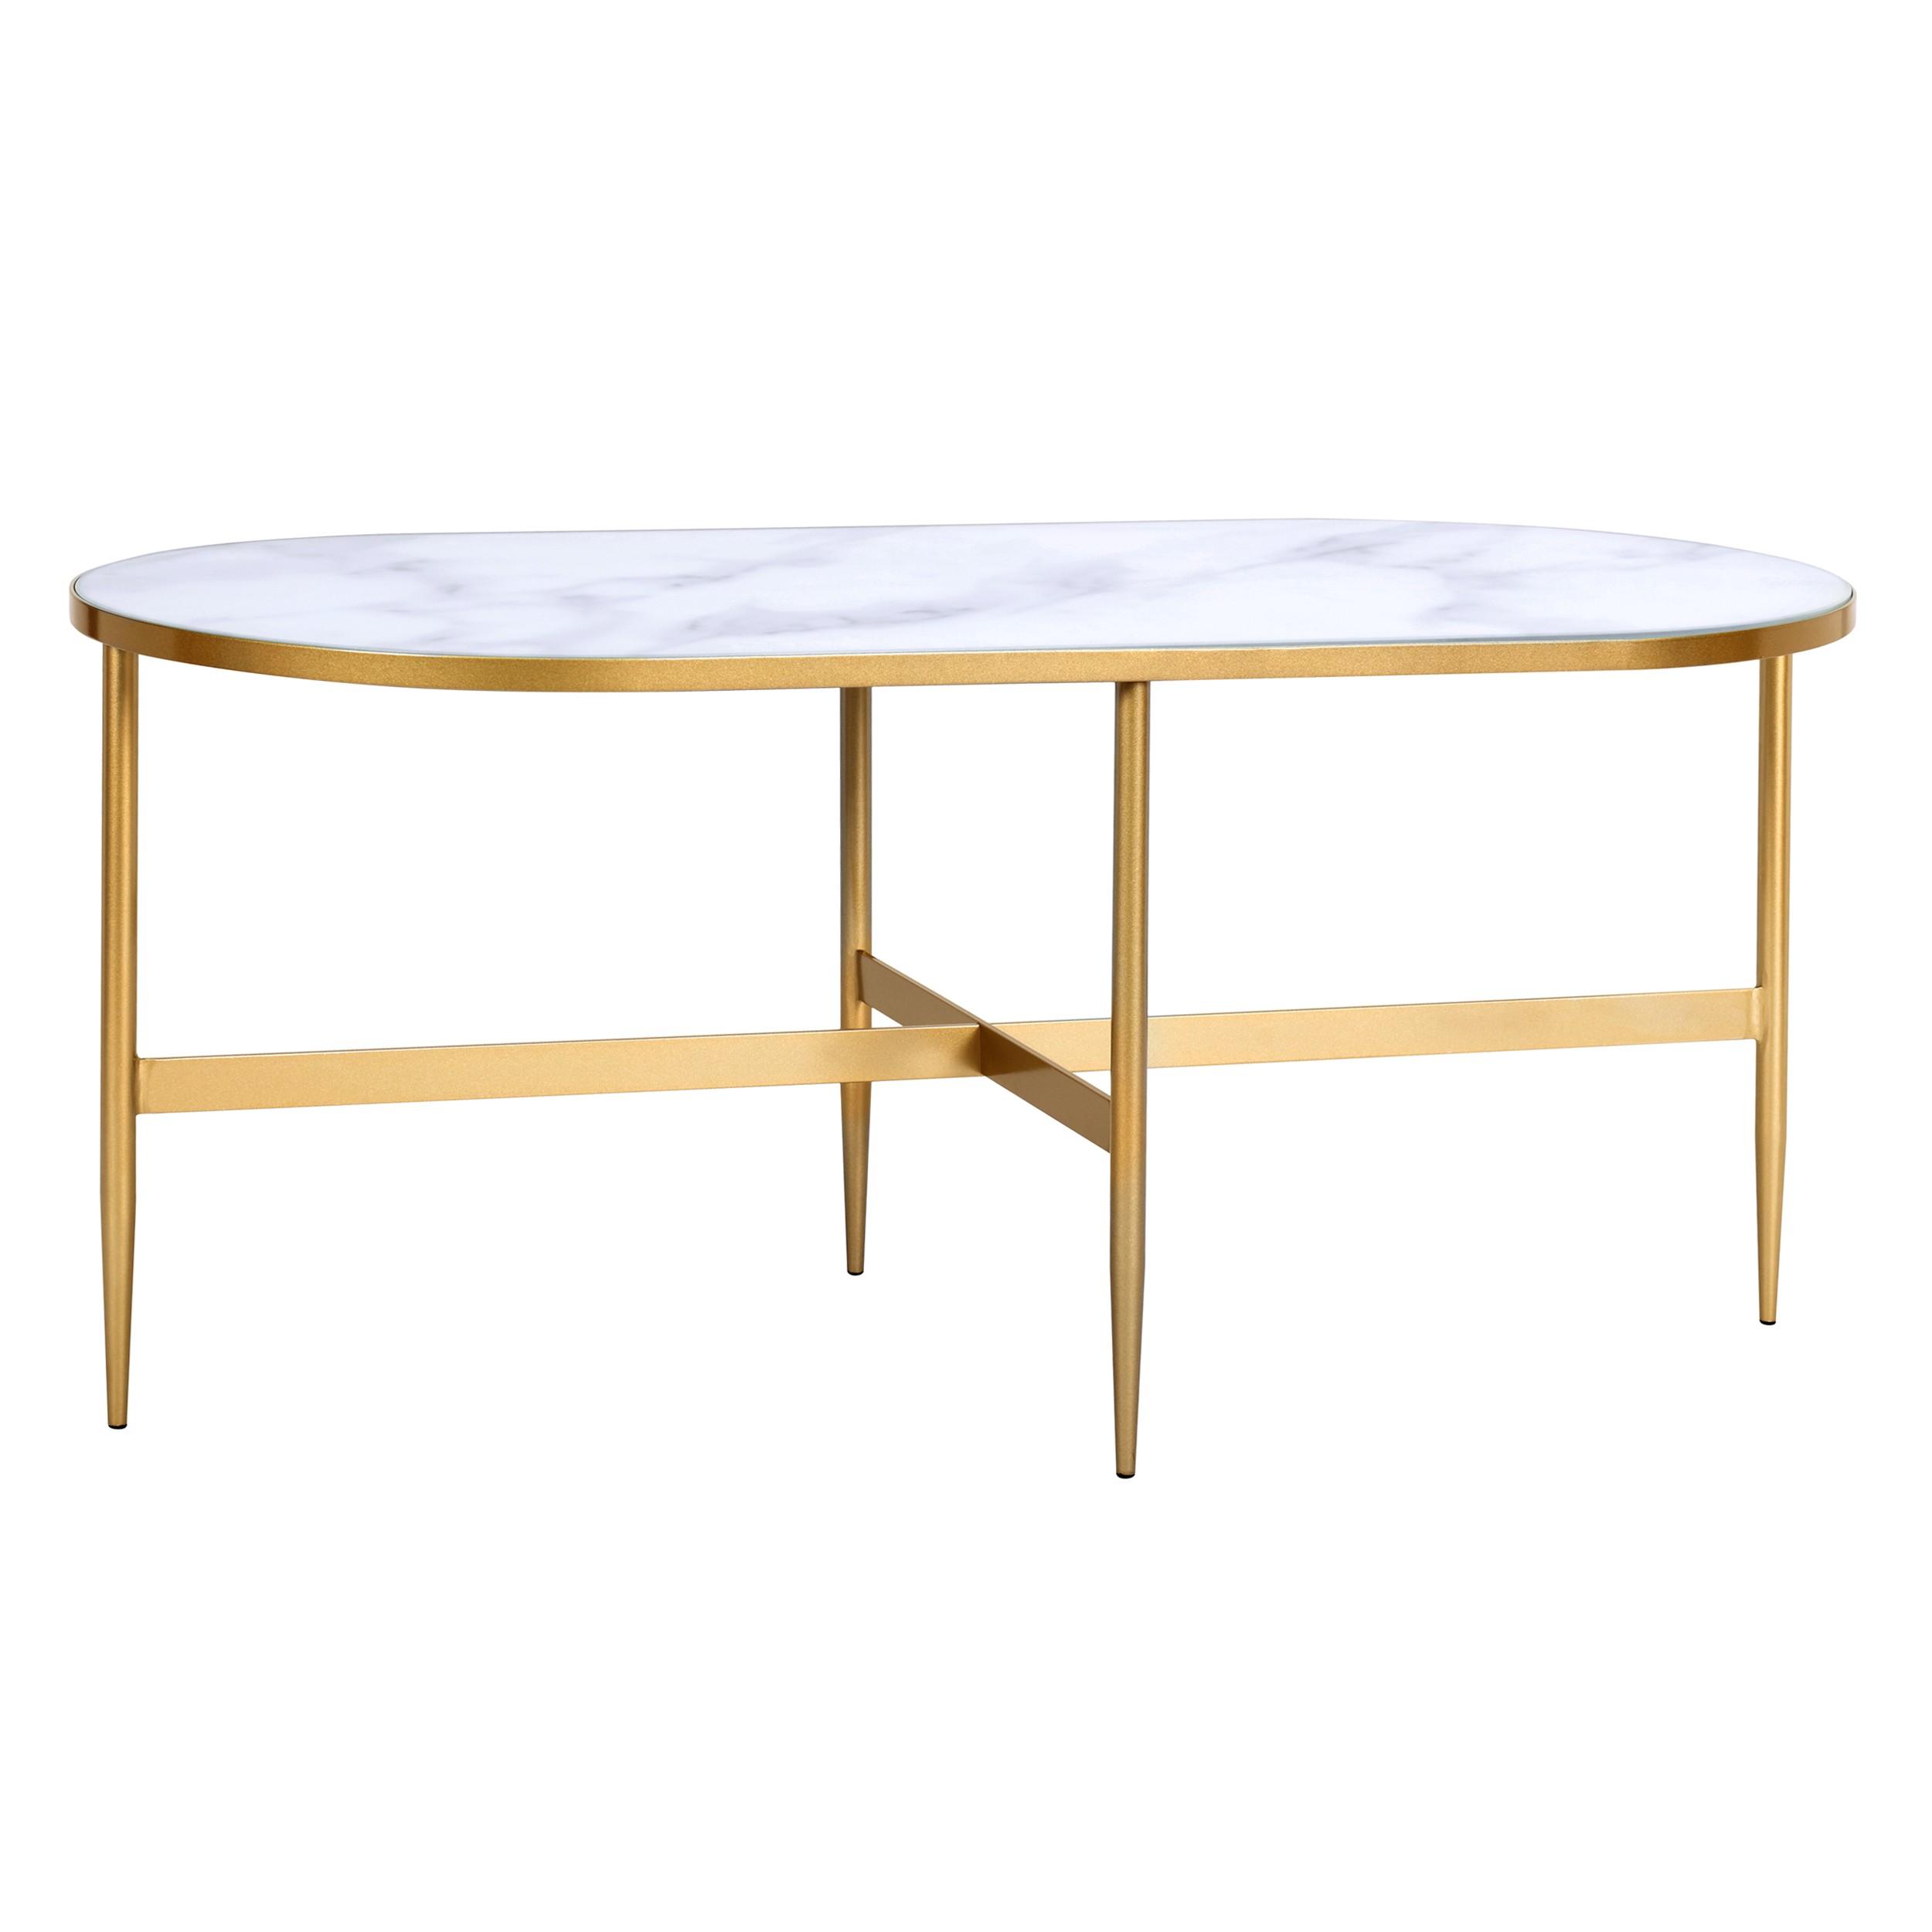 Table Basse Ronde Art Deco déco : comment bien choisir sa table basse ? - gazellemag